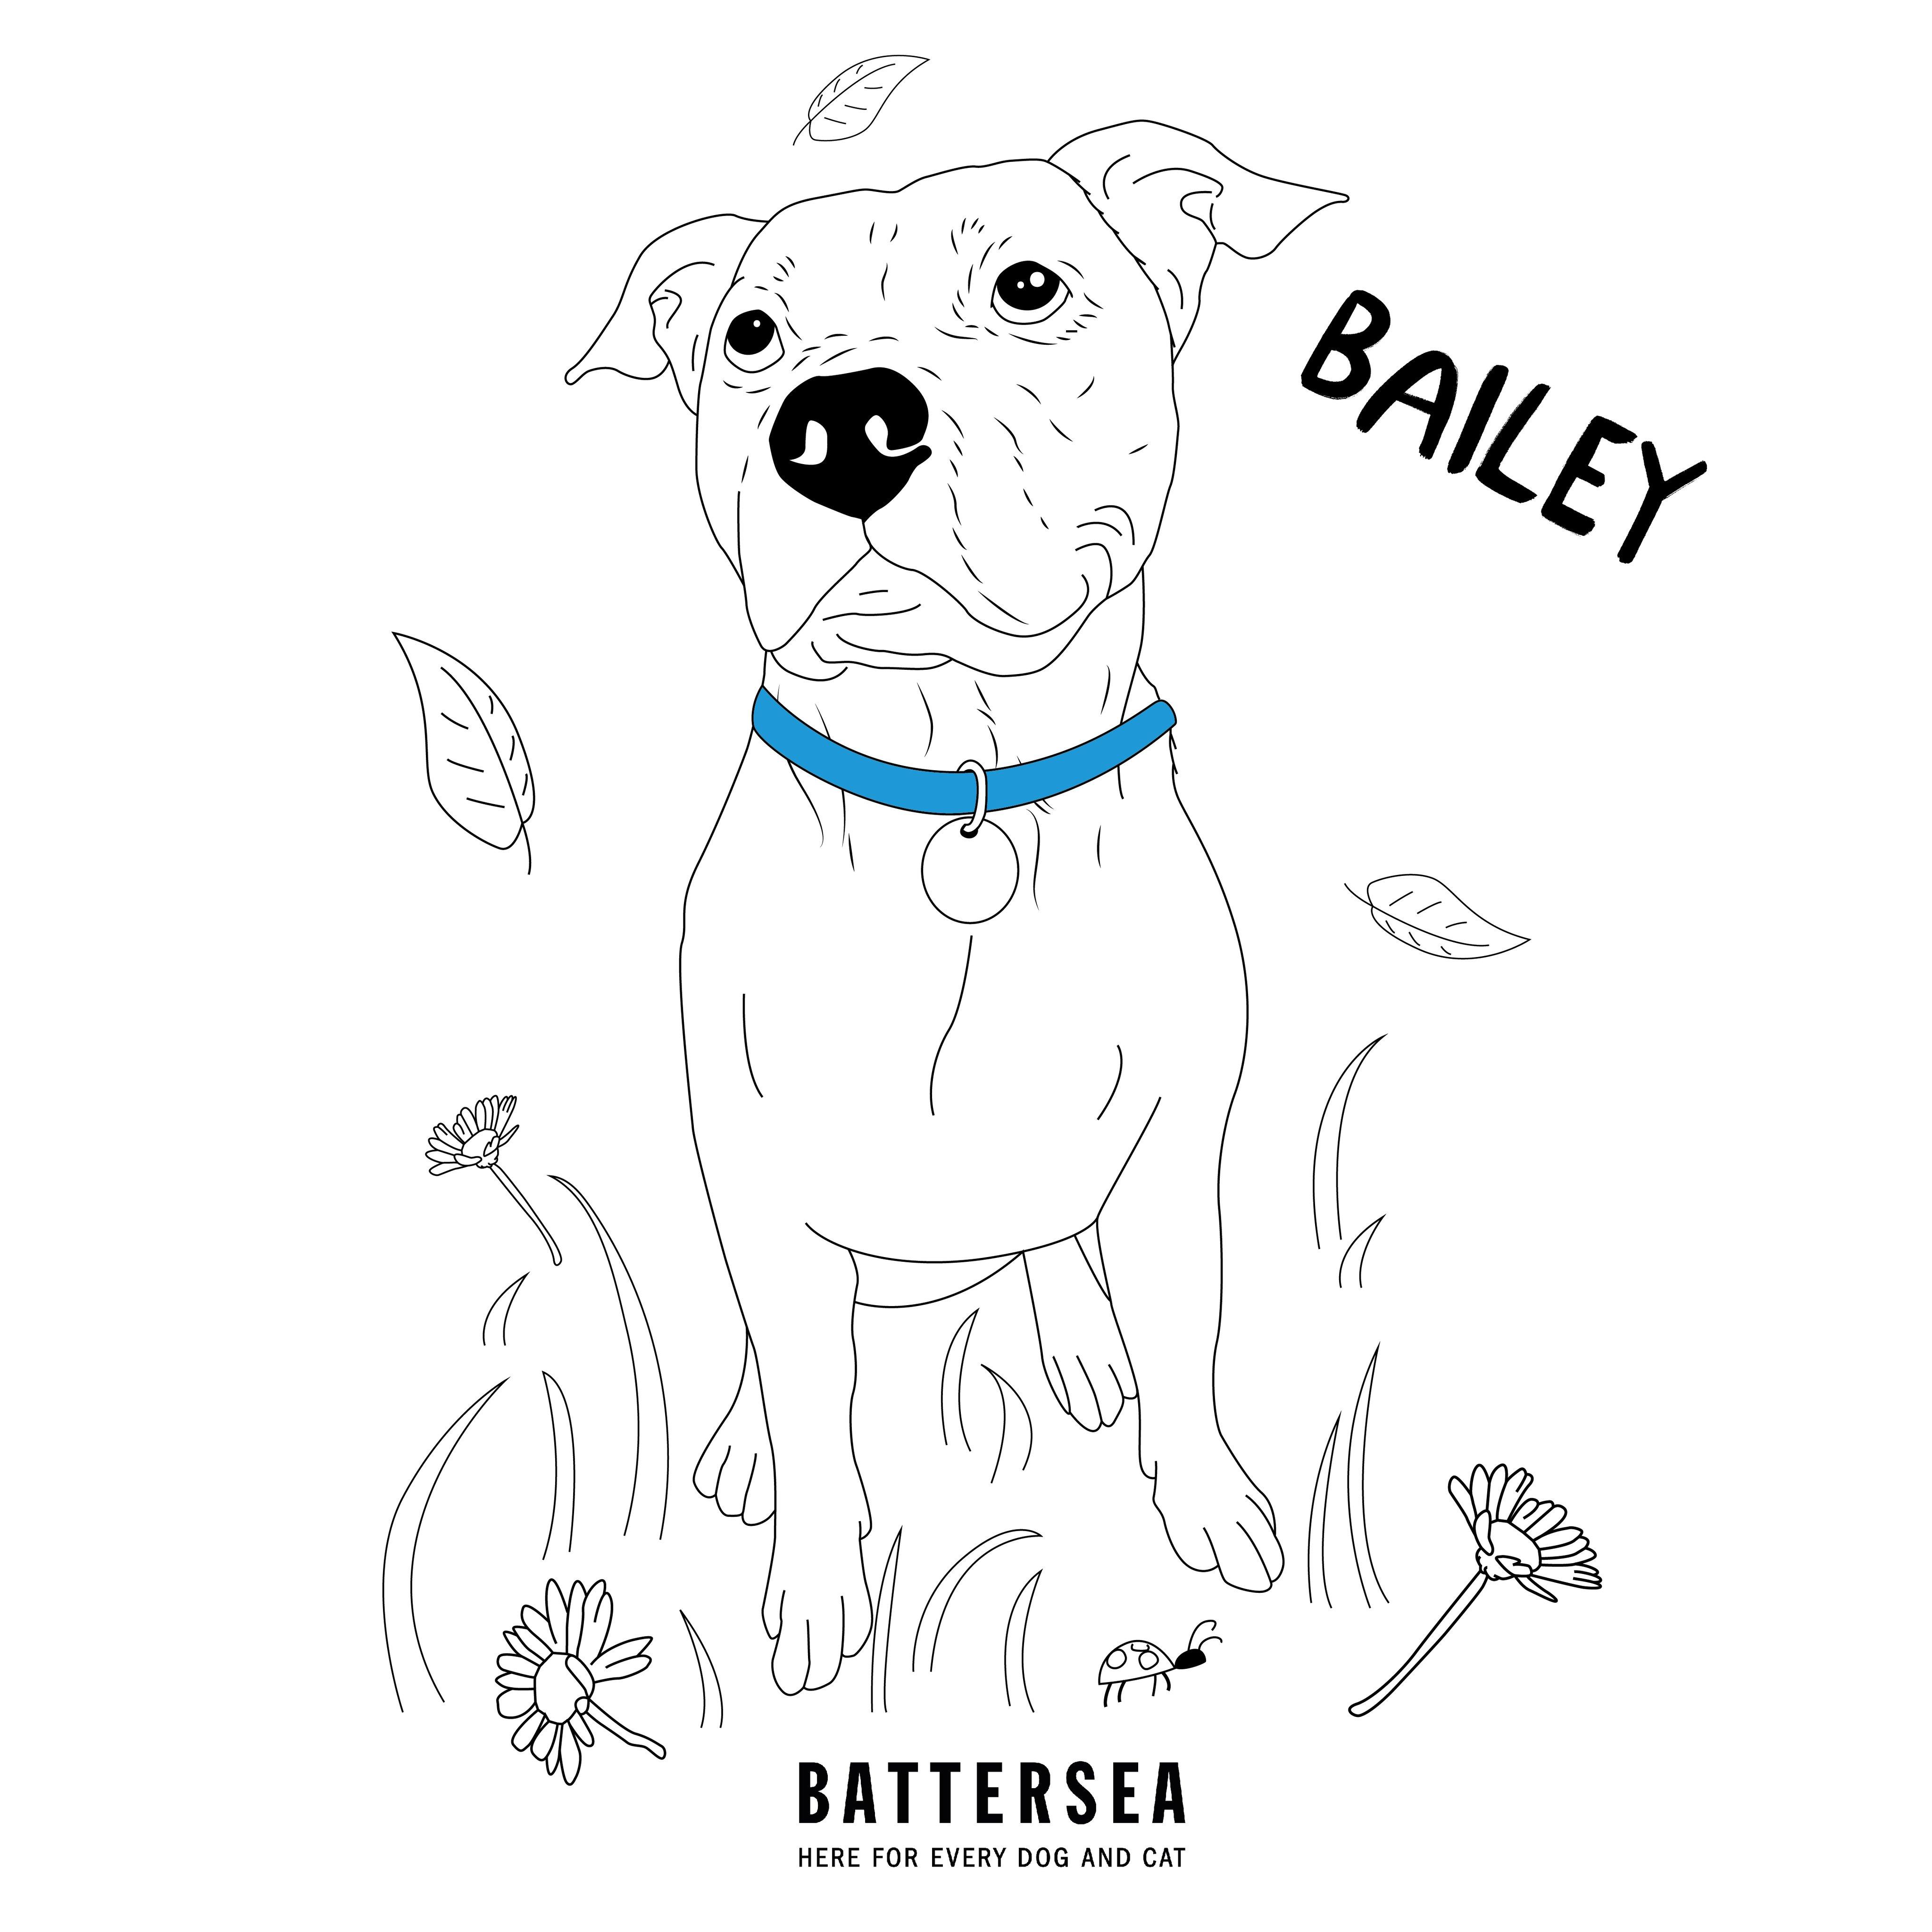 Bailey colouring sheet